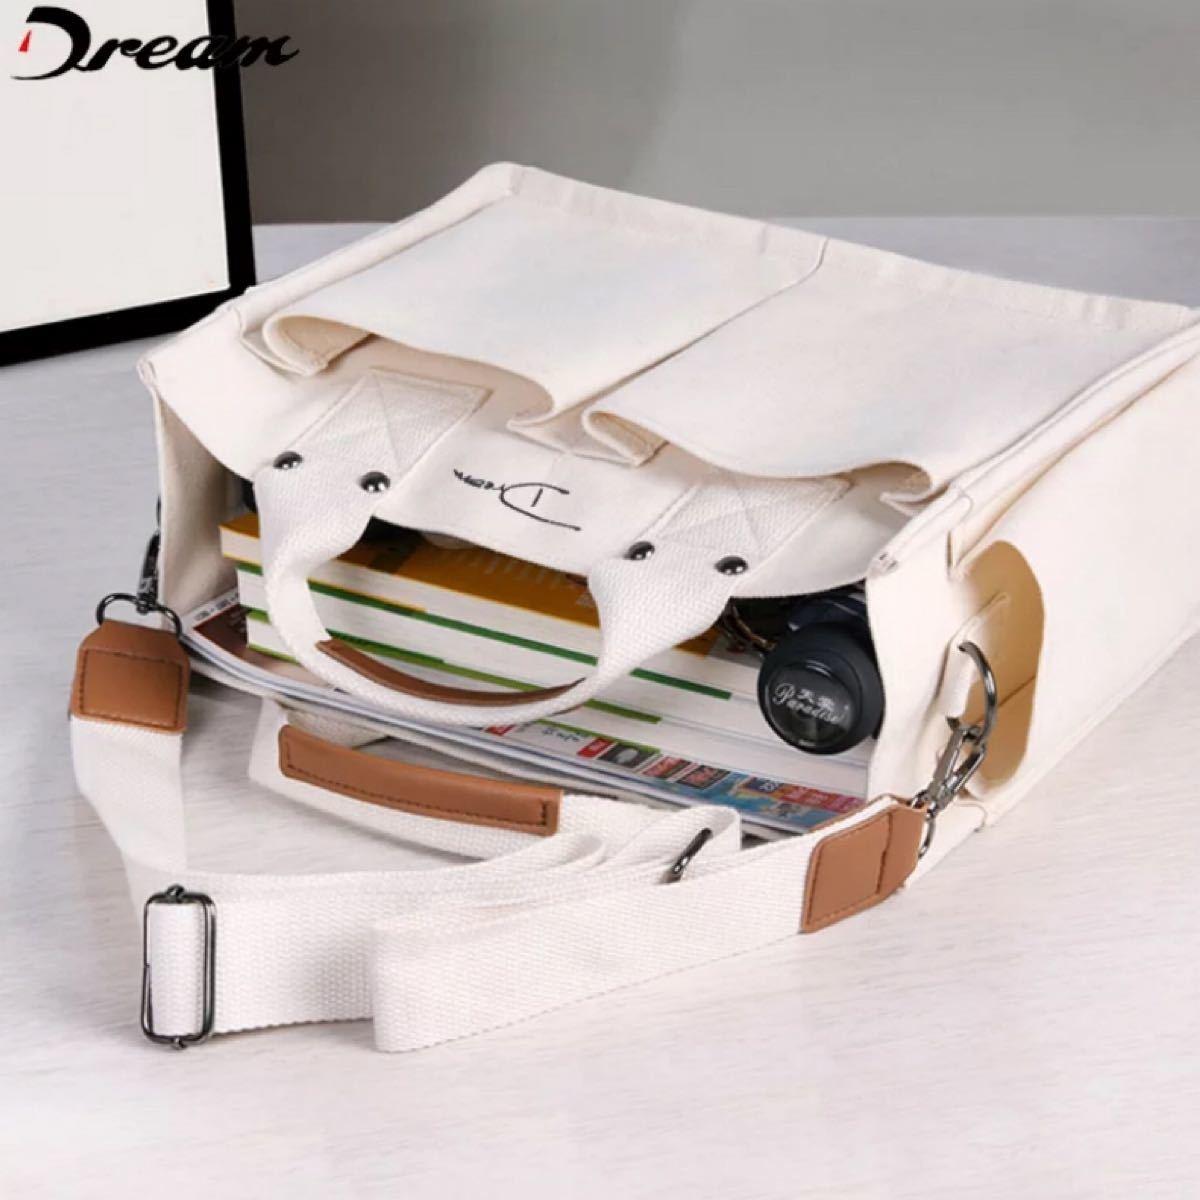 トートバッグ ハンド ショルダーバッグ 2way キャンバス 自立 帆布